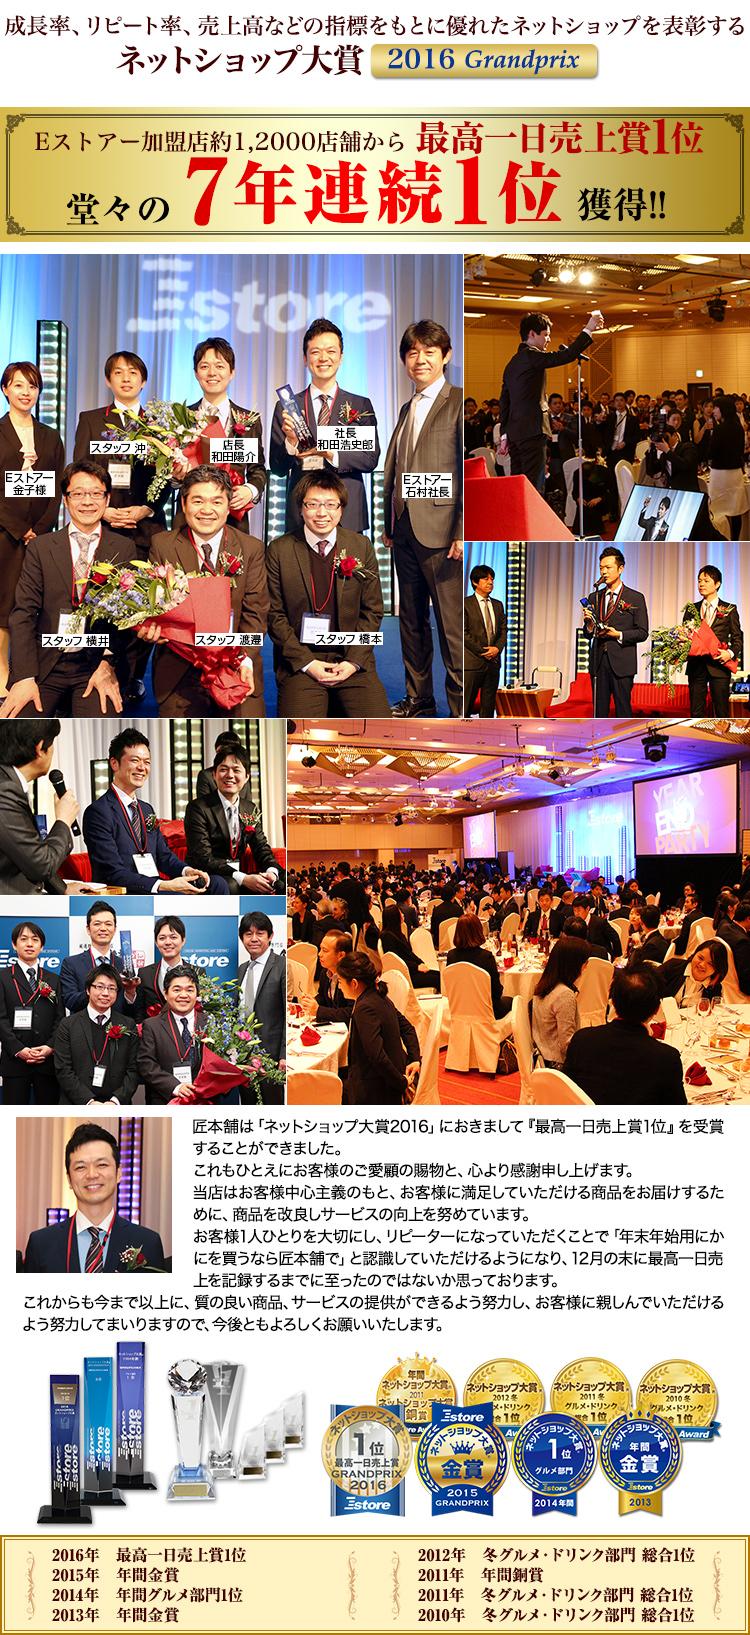 ネットショプ大賞2016授賞式